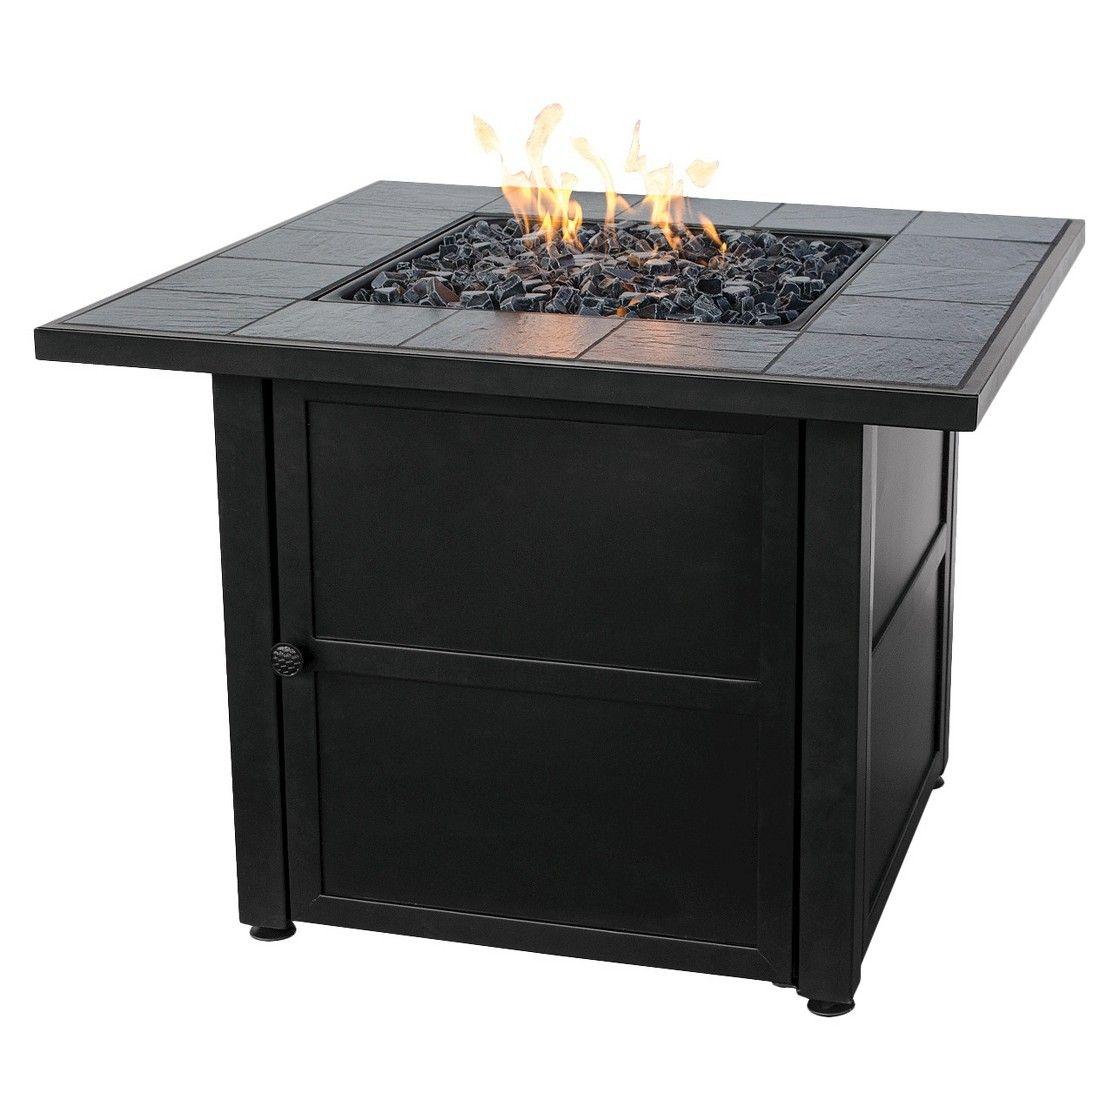 Uniflame Slate Tile LP Gas Fire Pit | Gas fire pit table ...